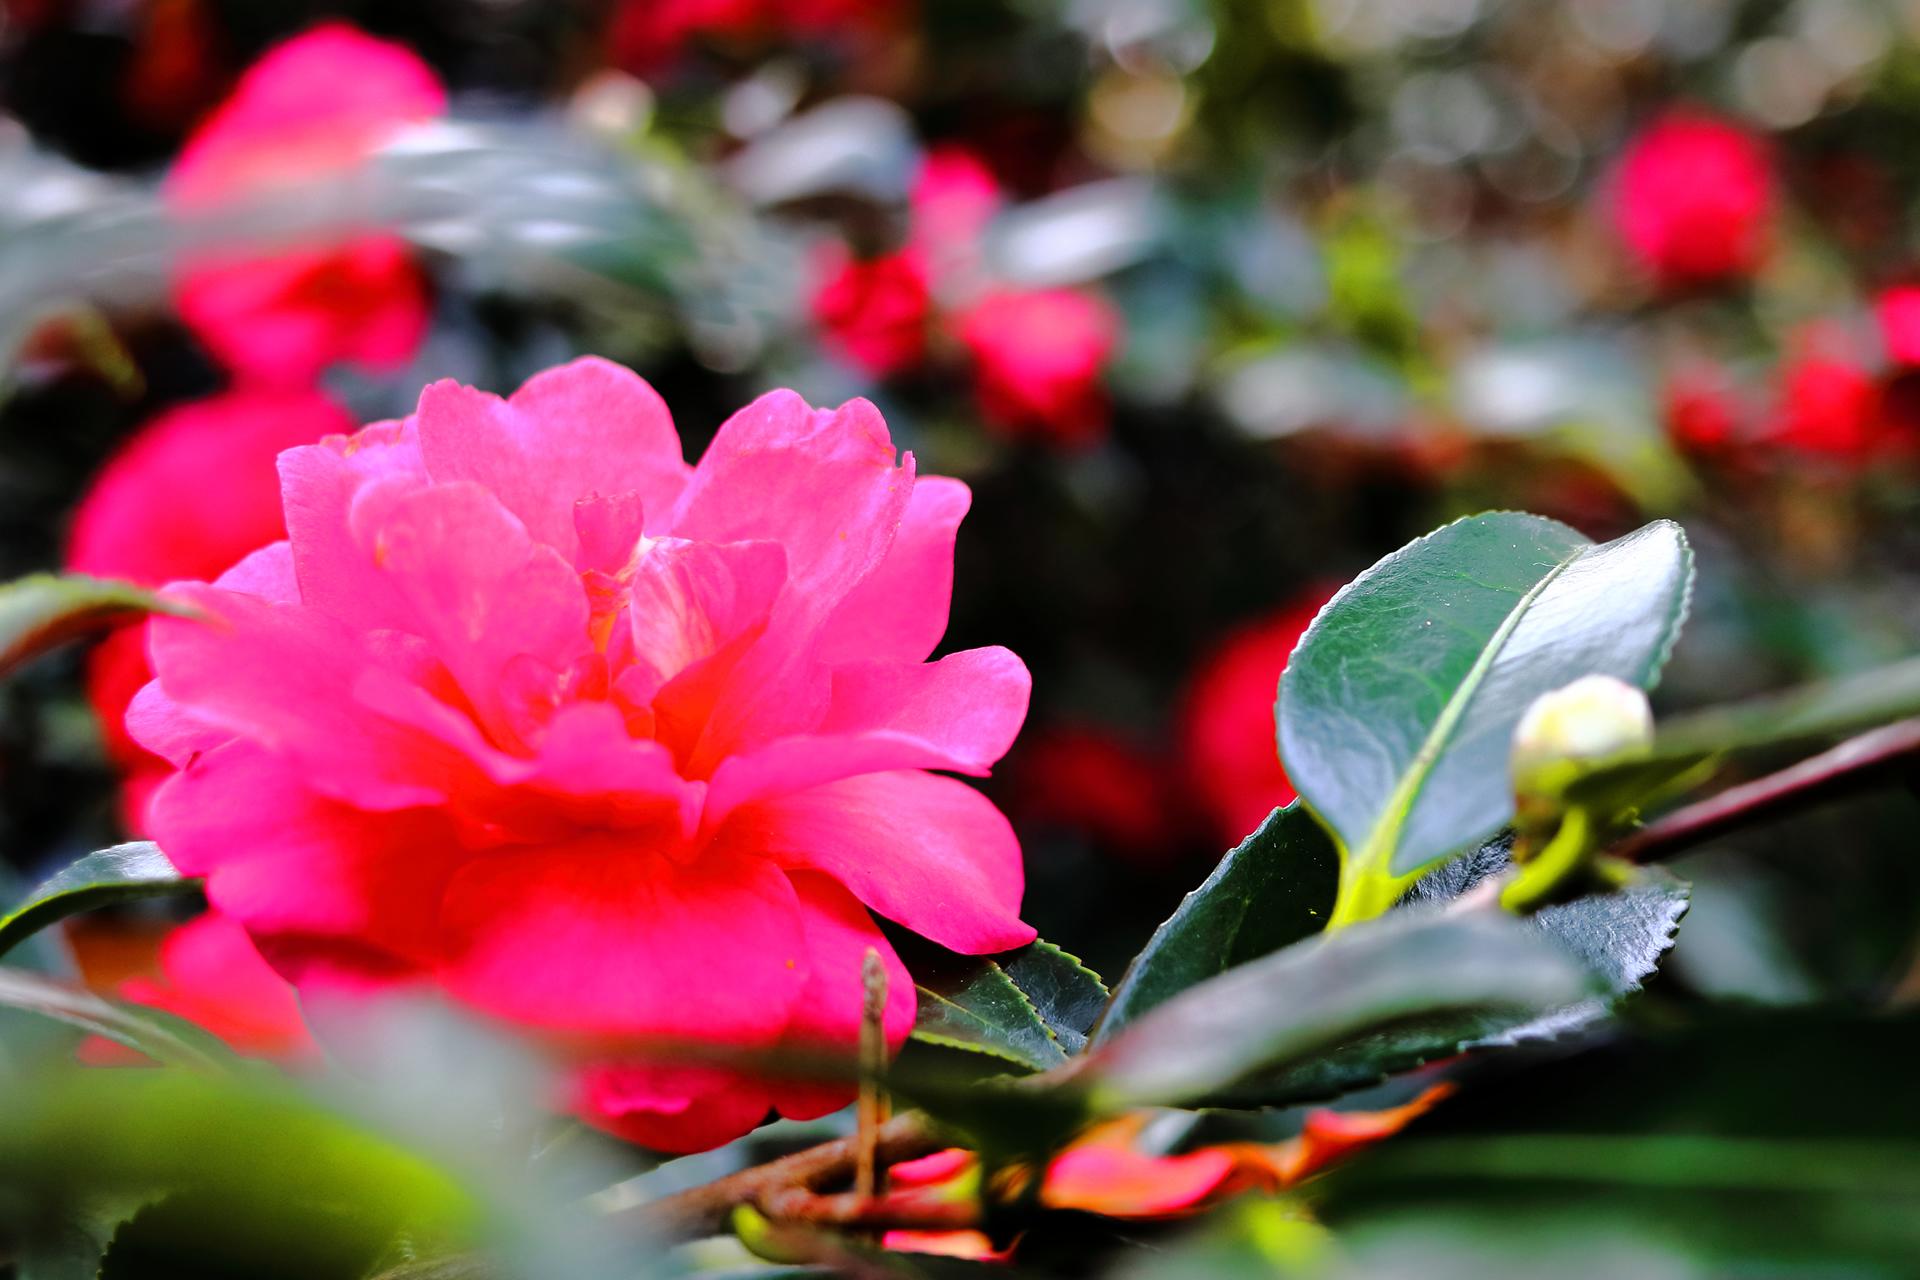 山茶花・サザンカ(ツバキ科ツバキ属の常緑広葉樹 10月~12月)